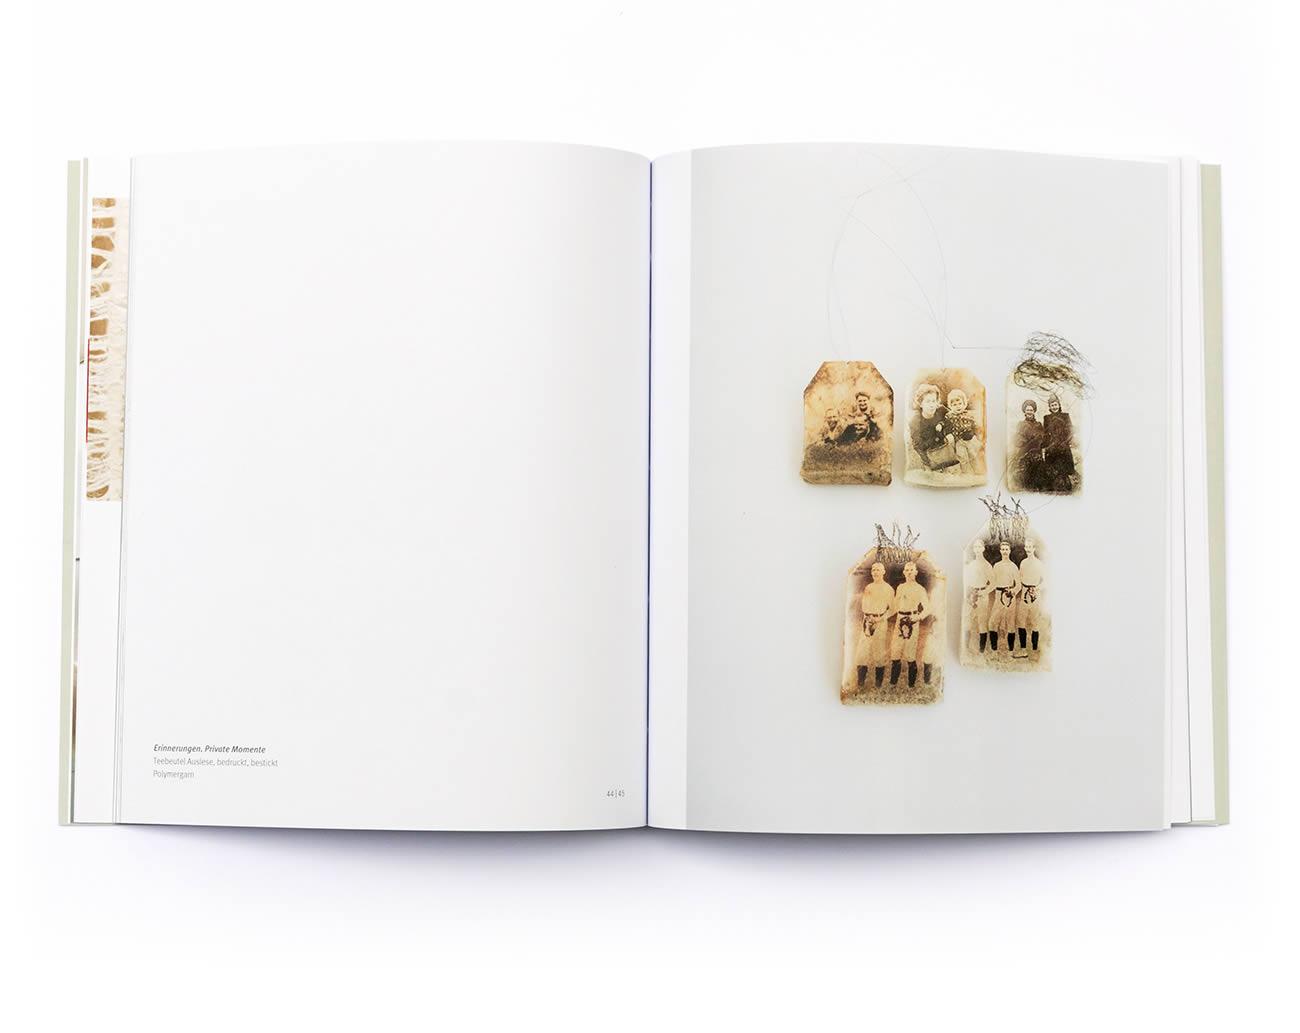 Petra Zimmerer, Büro für Gestaltung, Print, Broschüre, Sabine Neubauer, Werkübersicht, Katalog